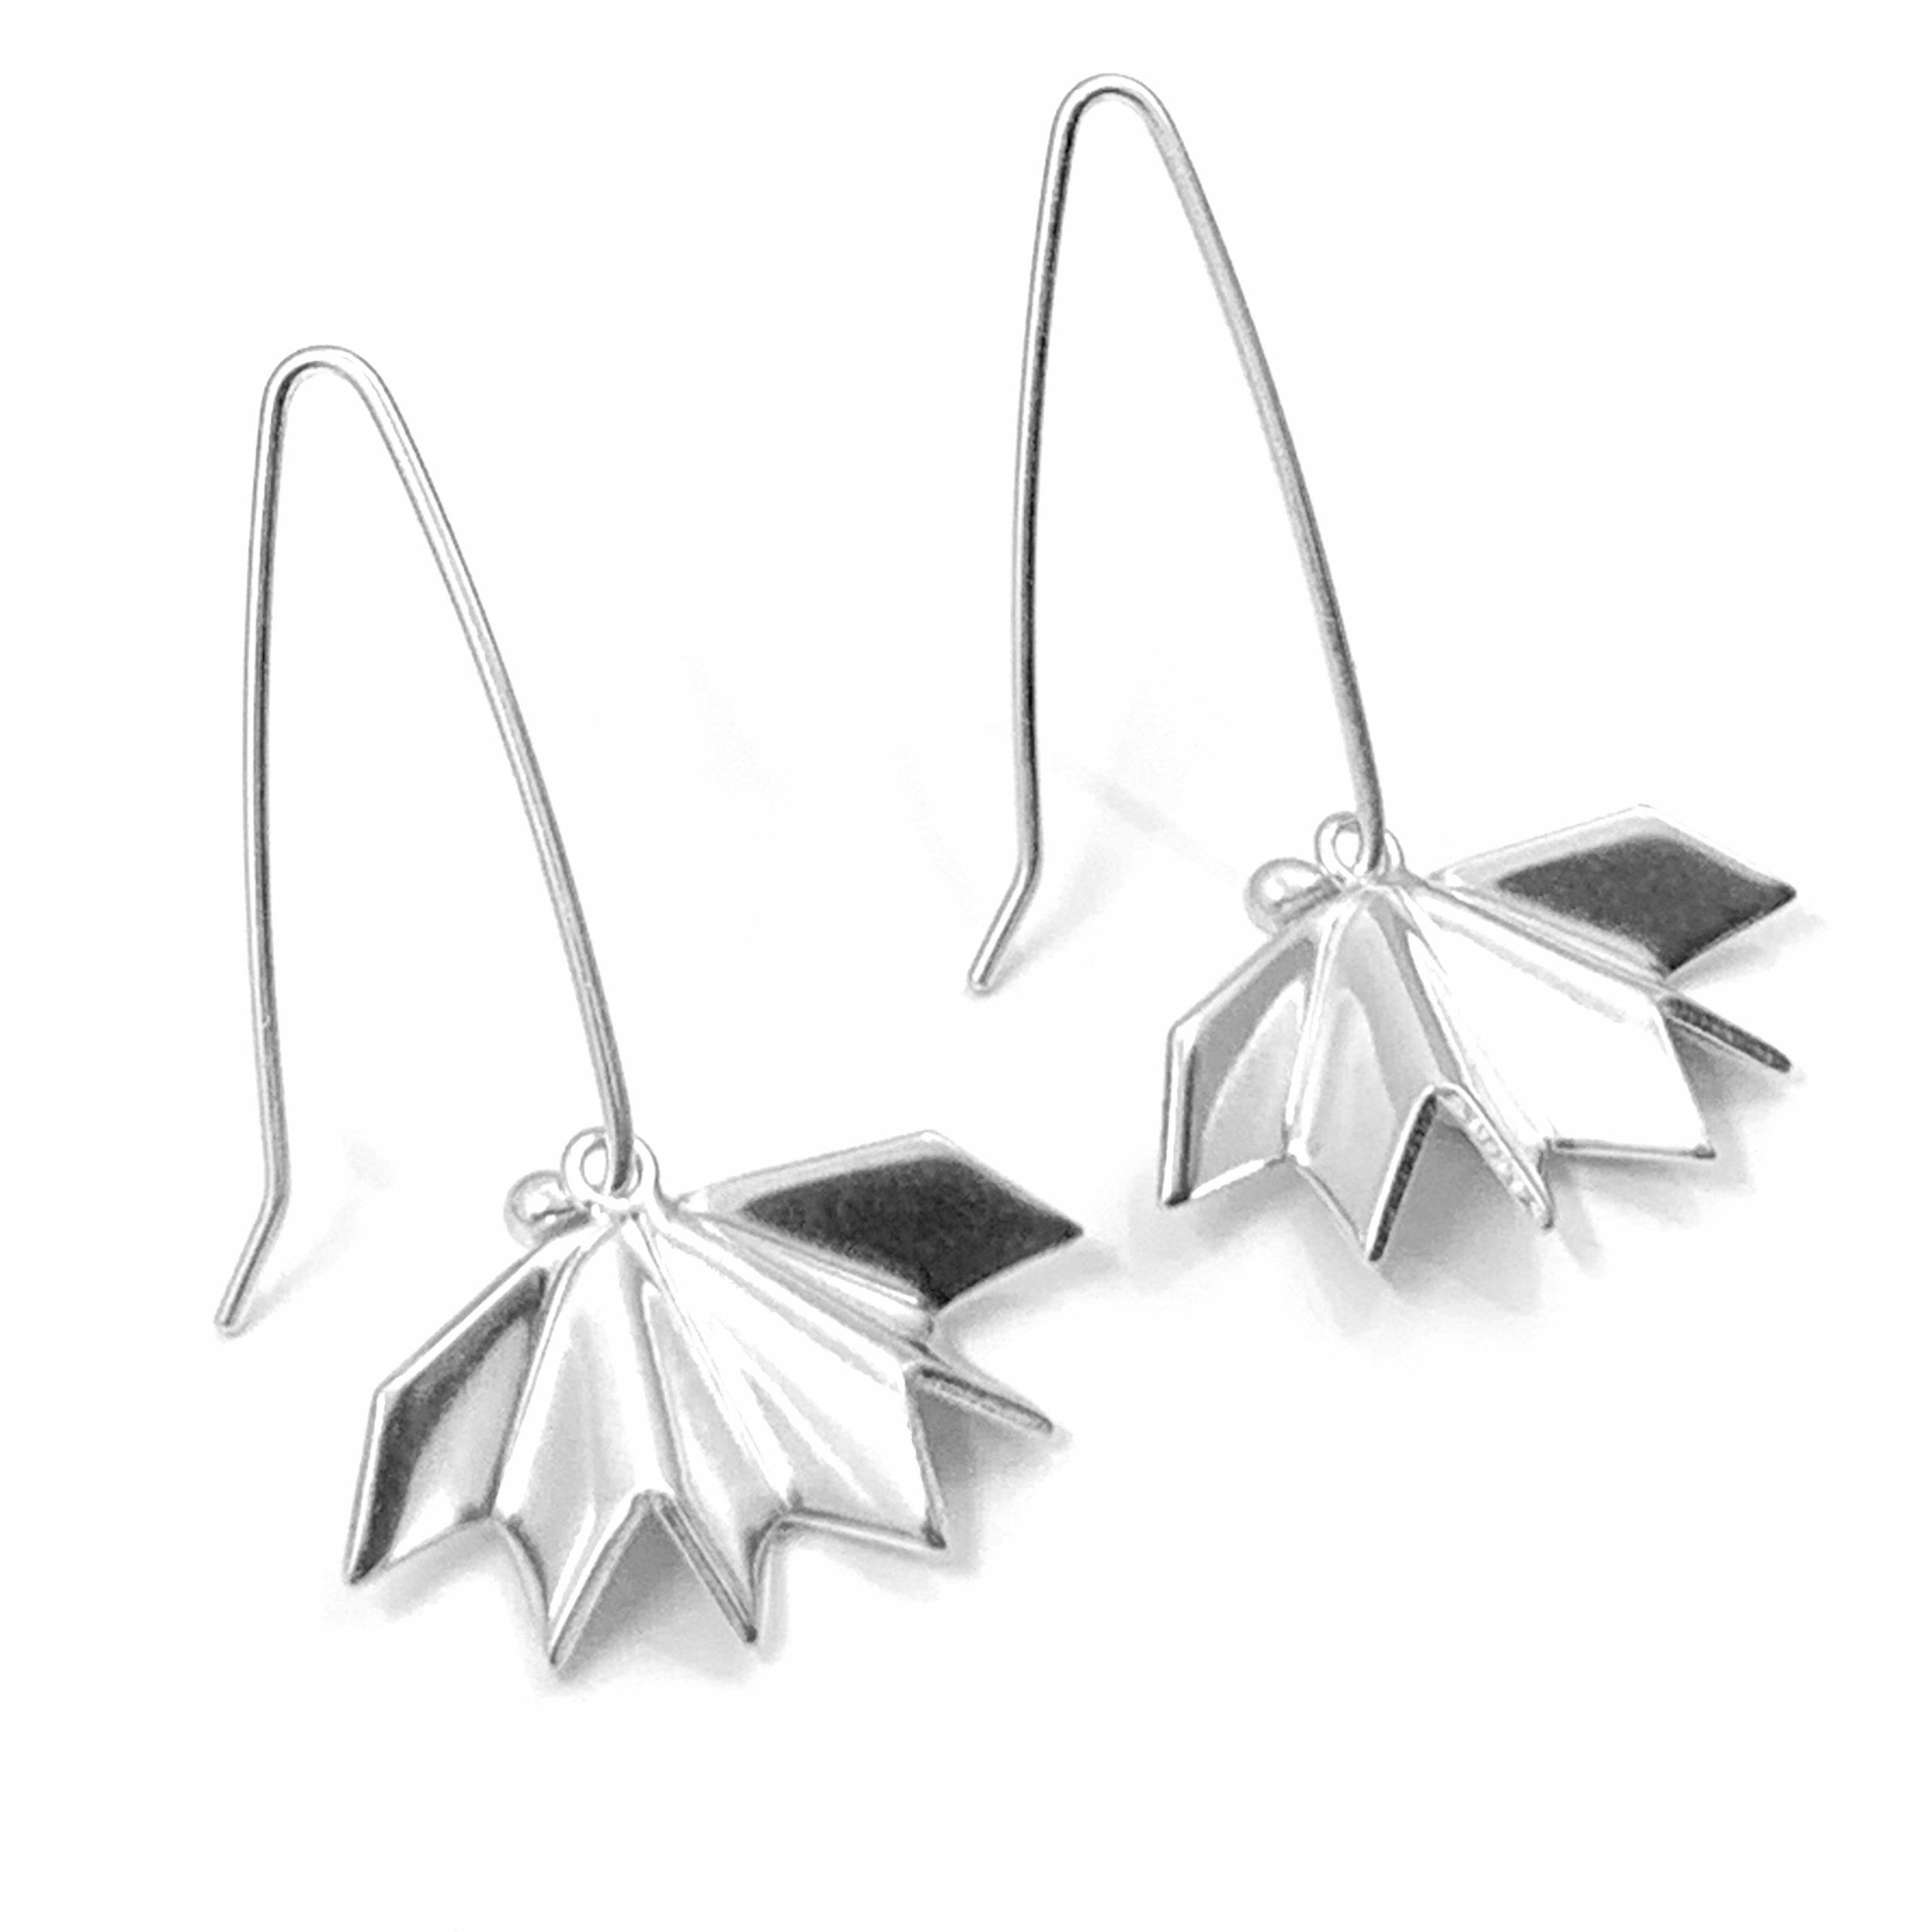 Unfolded silver earrings